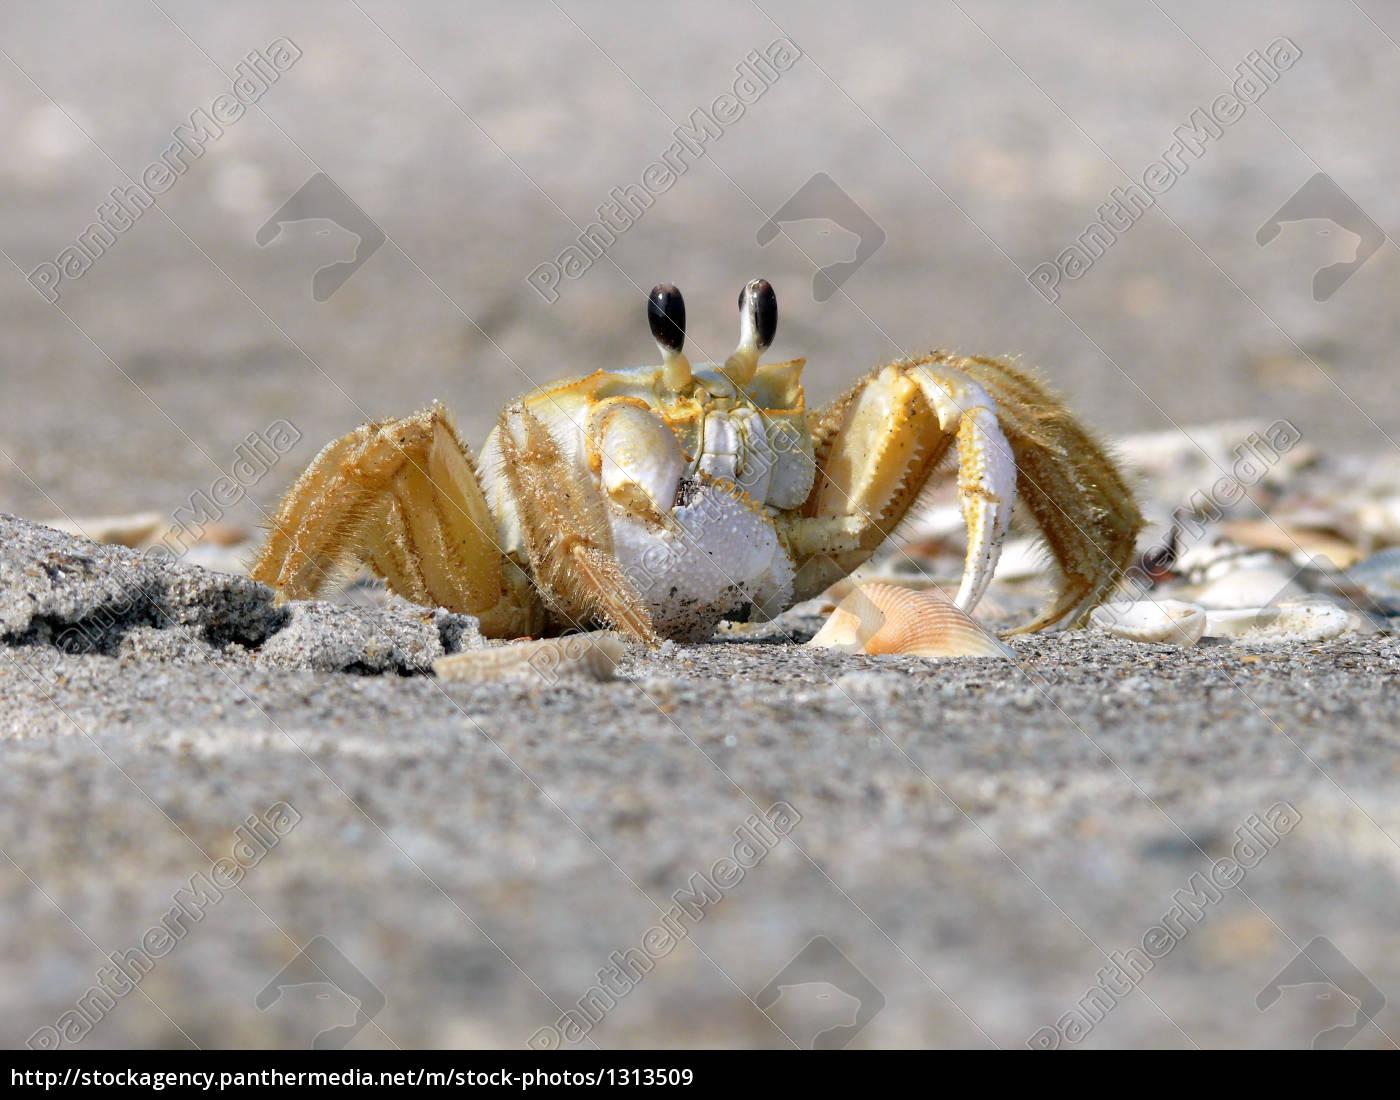 beach, crab - 1313509